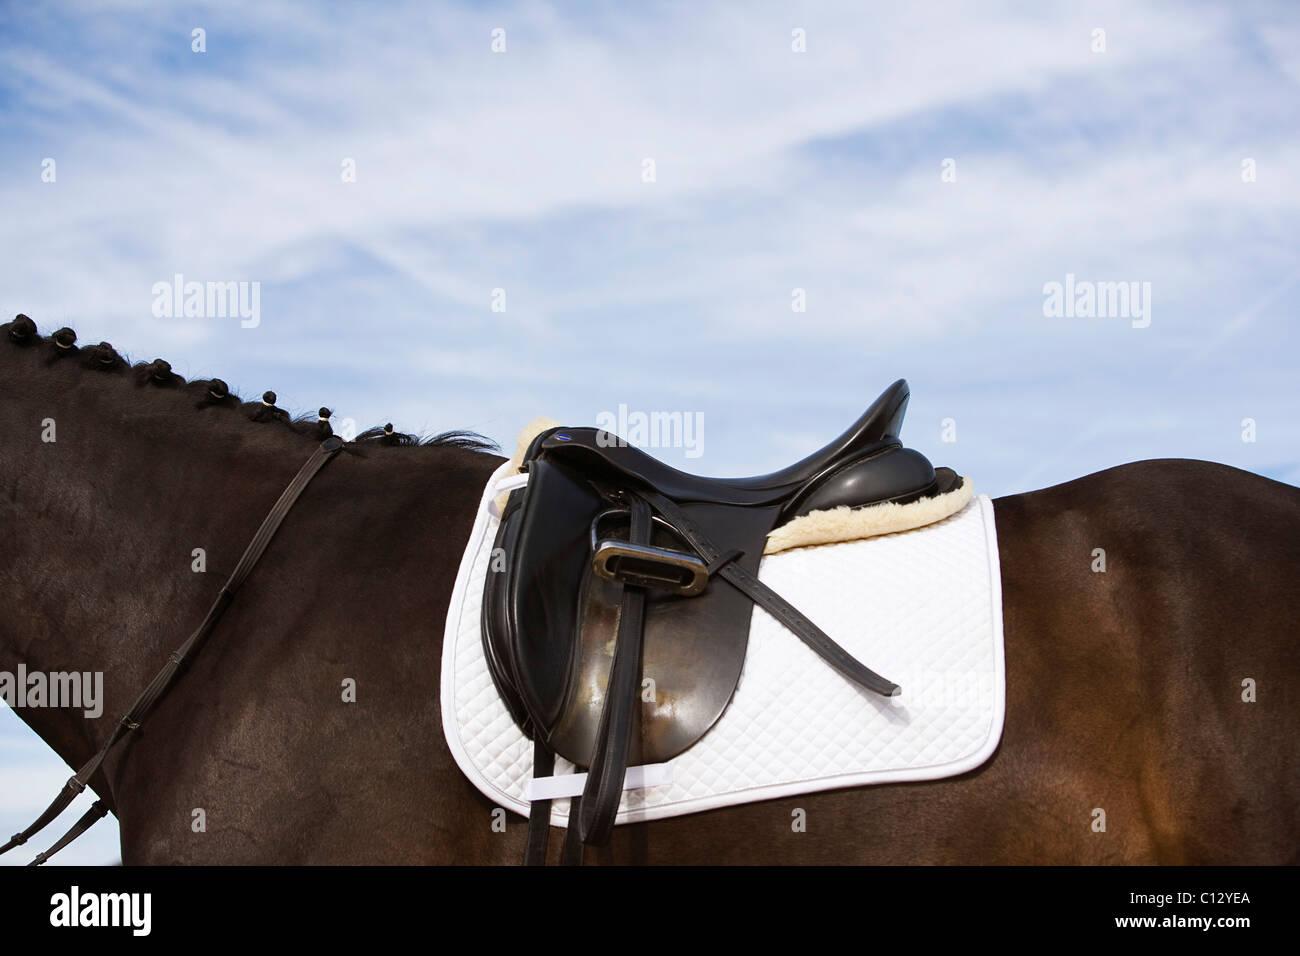 Vista lateral de caballos ensillados Imagen De Stock